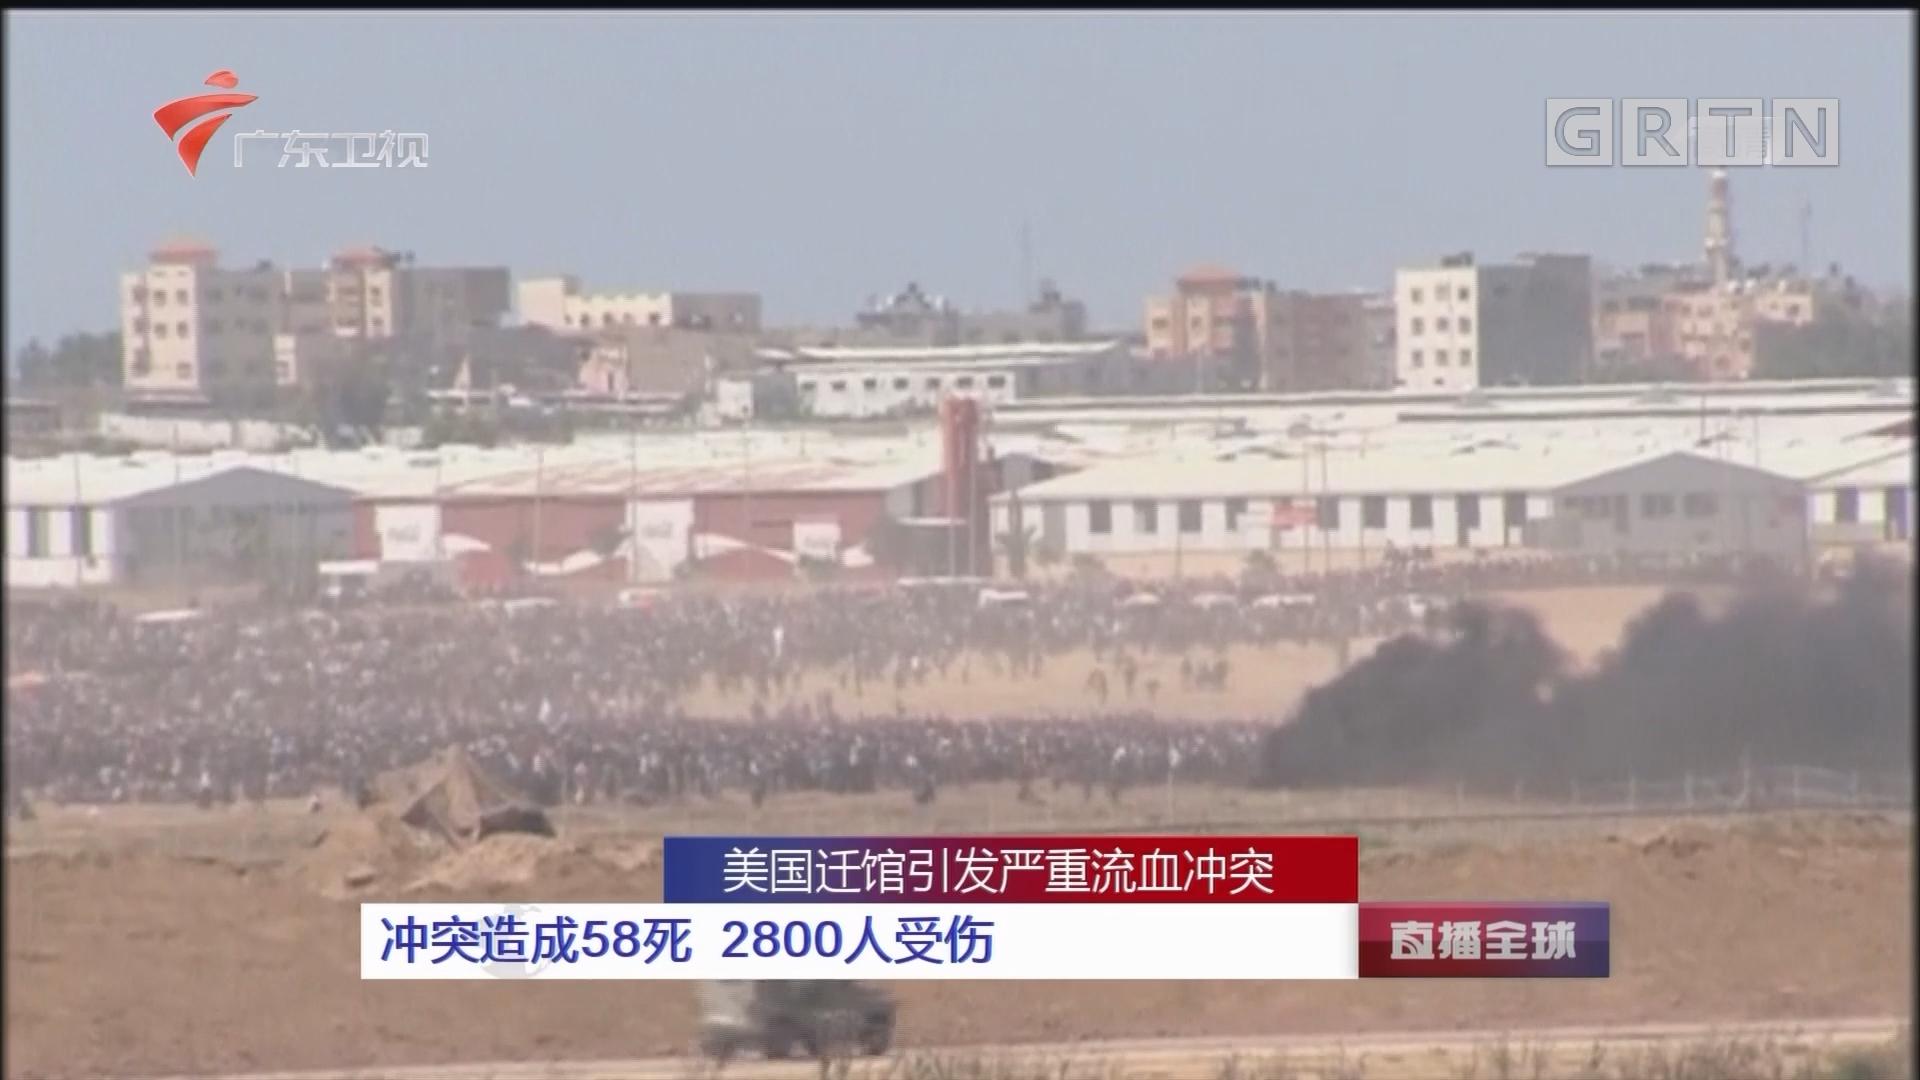 美国迁馆引发严重流血冲突:冲突造成58死 2800人受伤